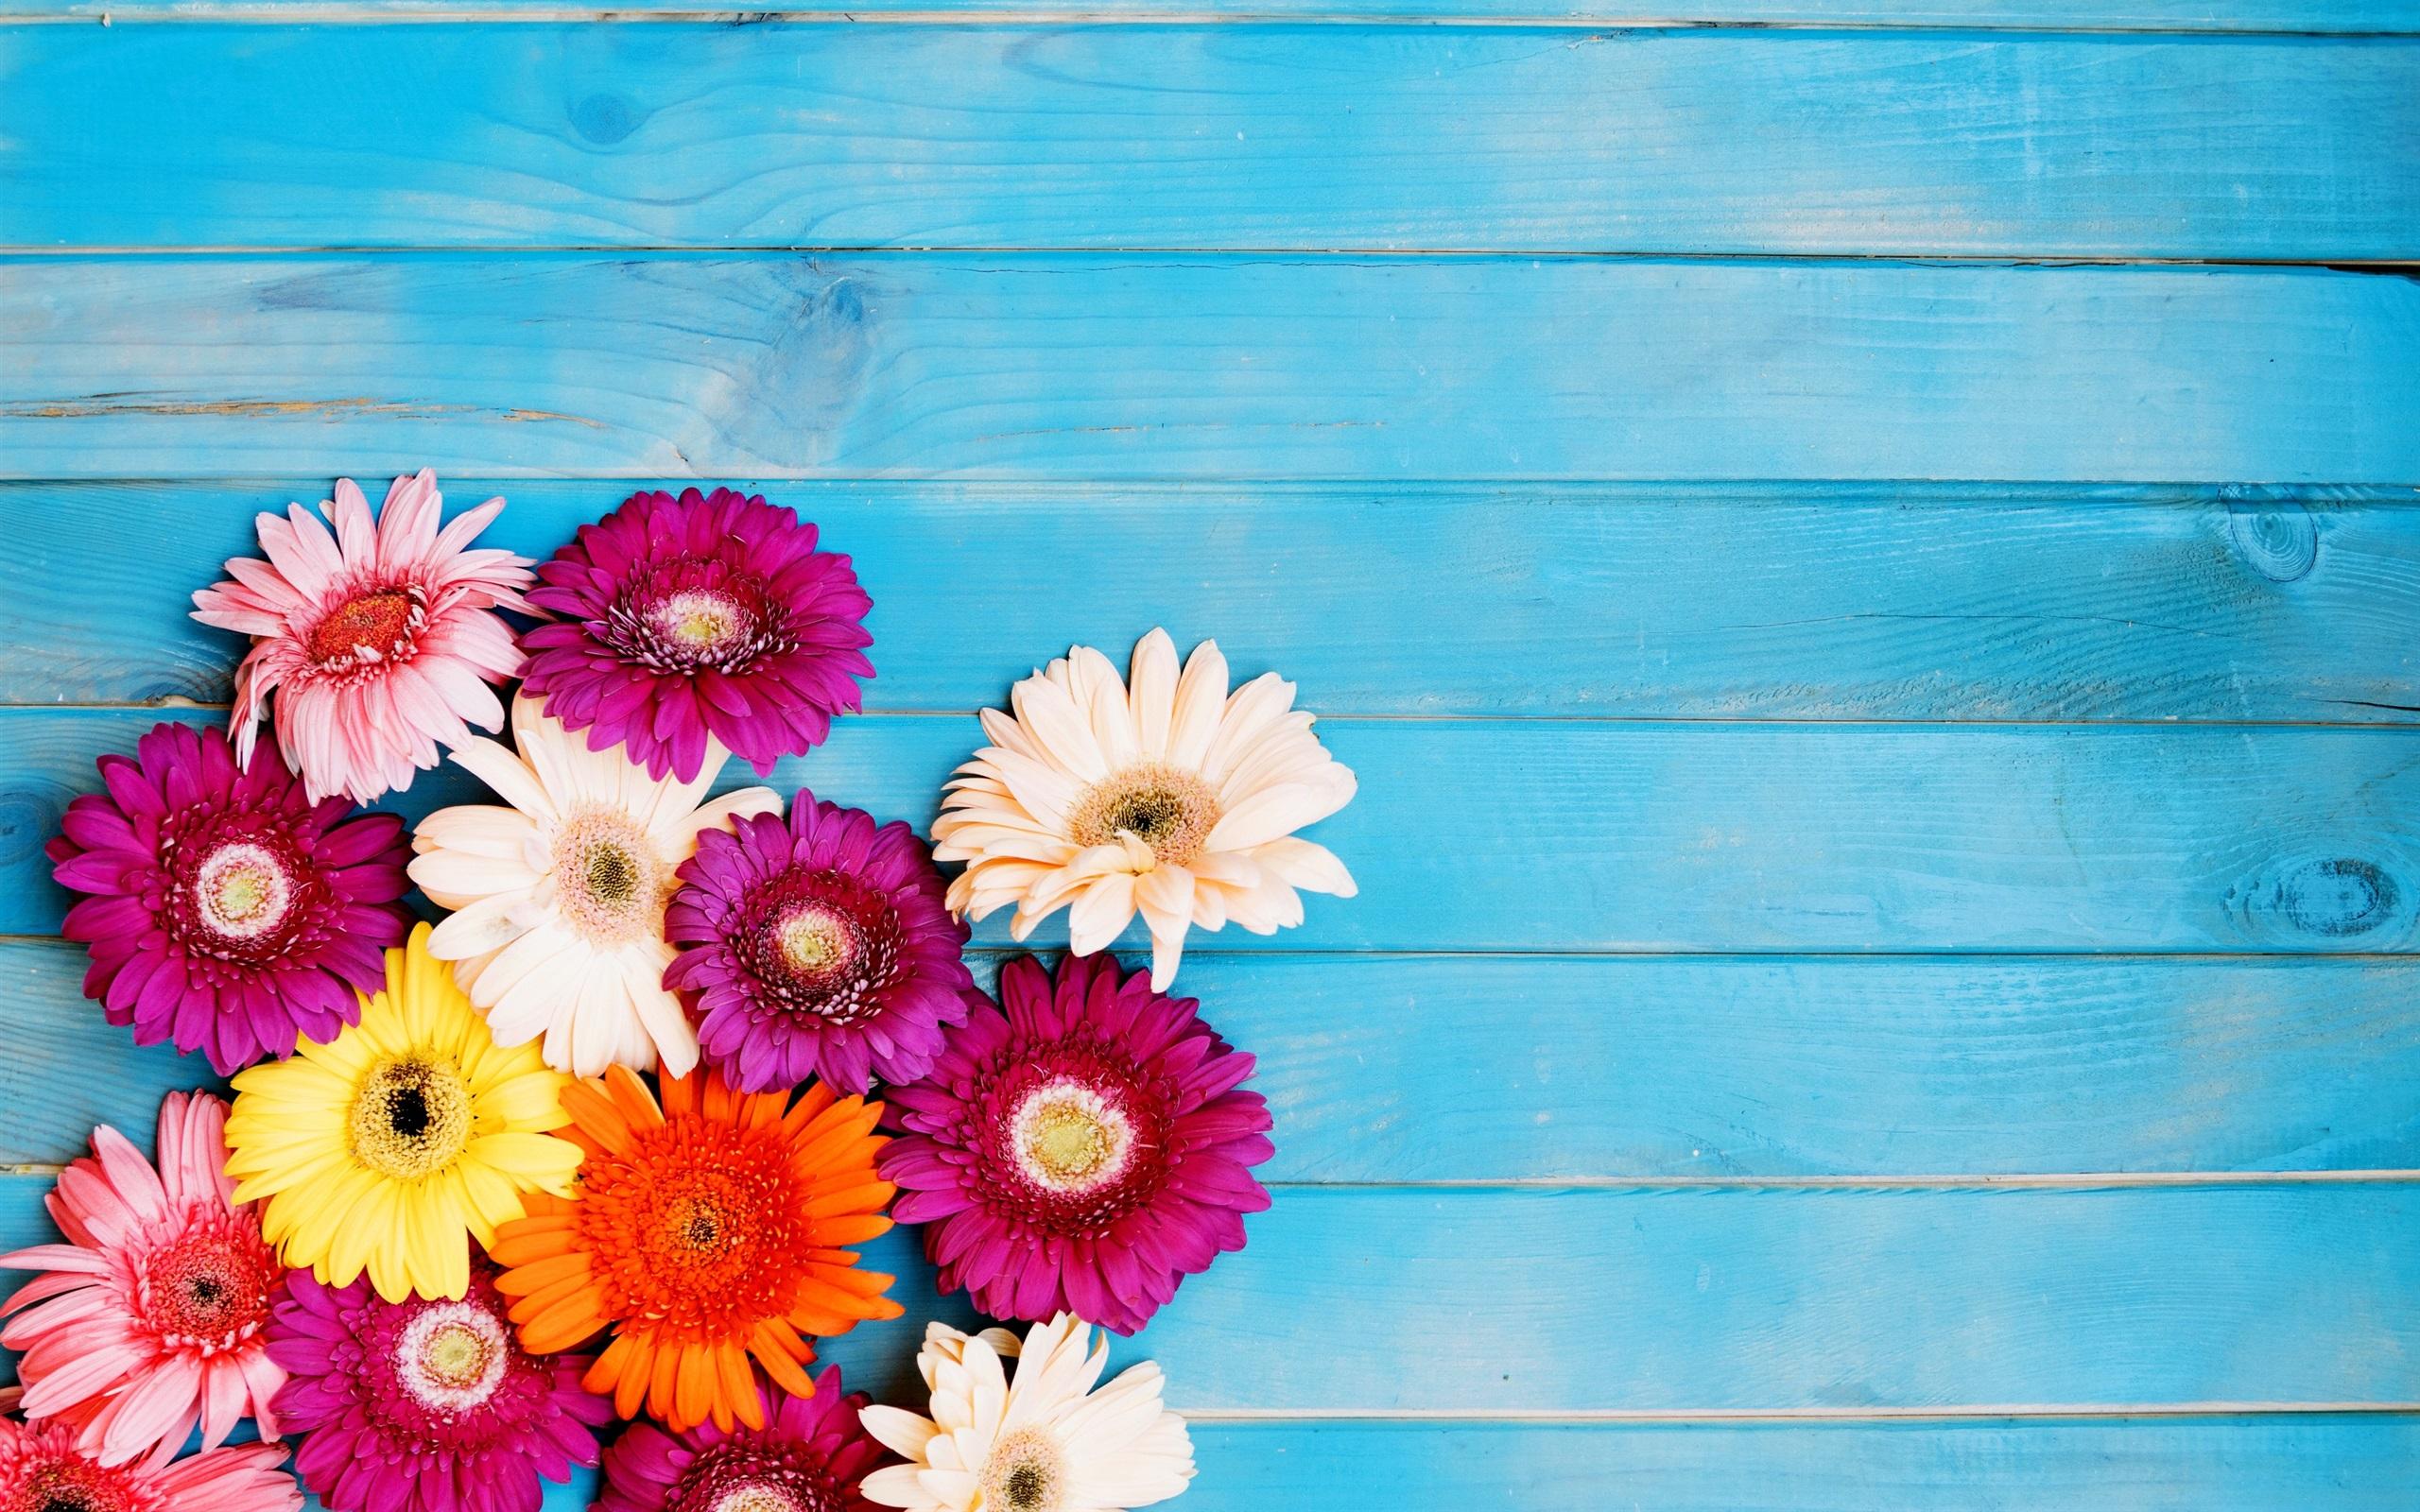 壁紙 カラフルなガーベラの花 青い背景 2880x1800 Hd 無料の